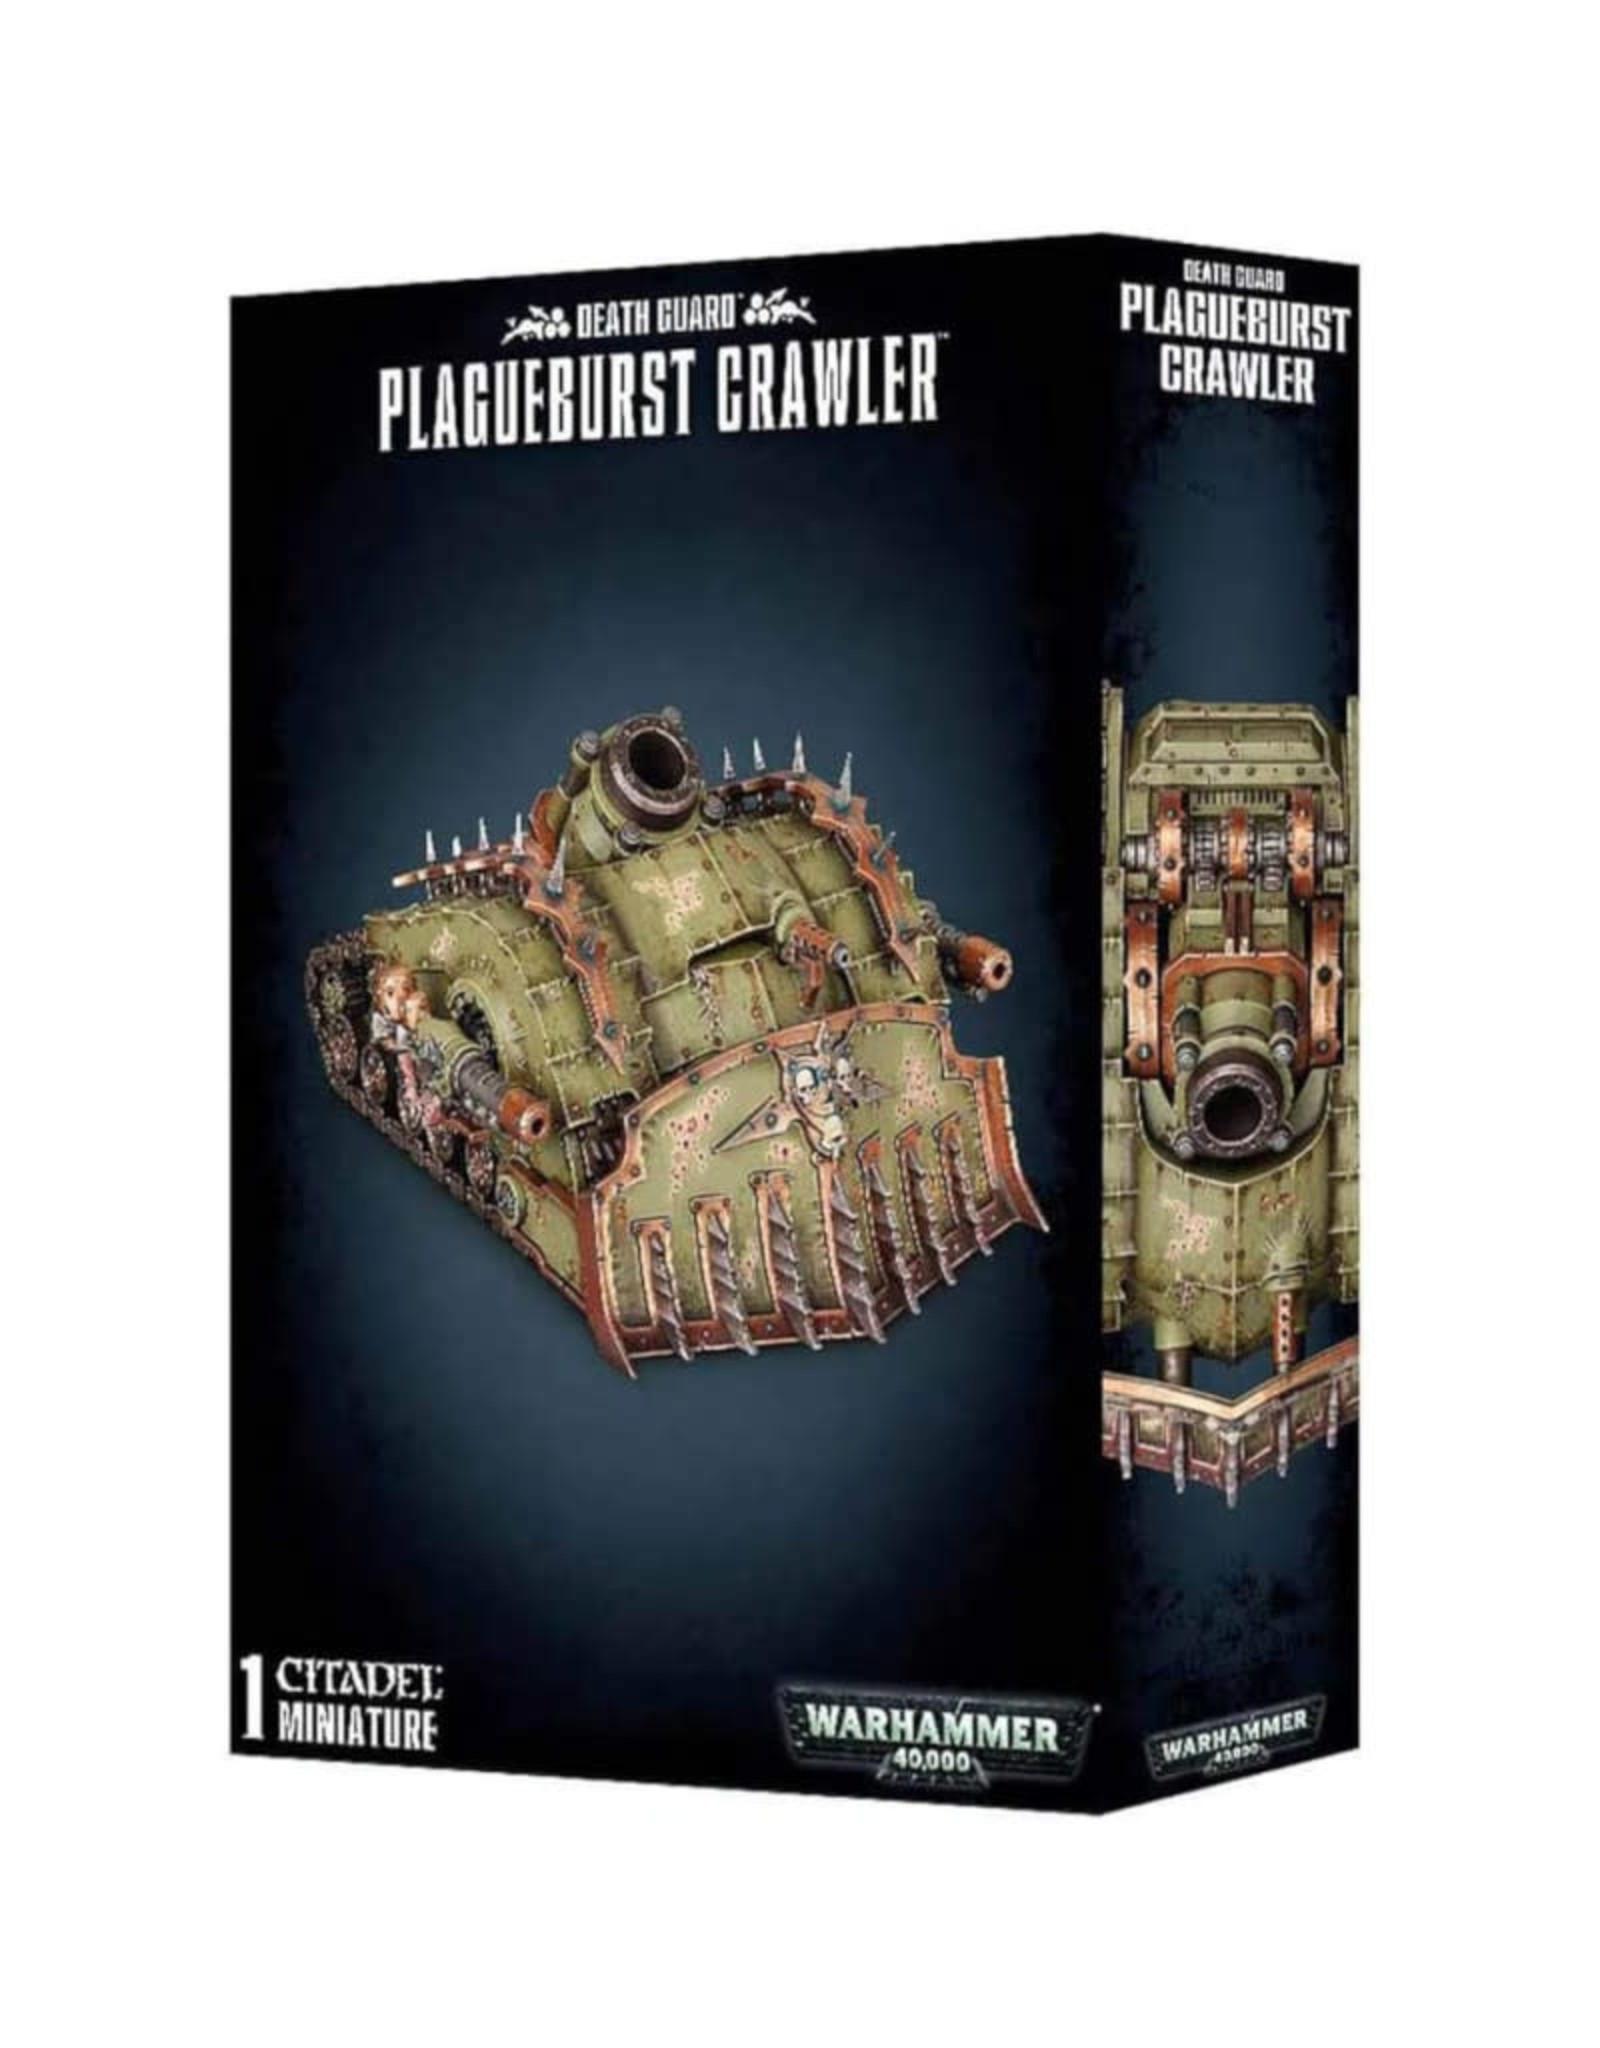 Games Workshop Warhammer 40K Death Guard Plagueburst Crawler